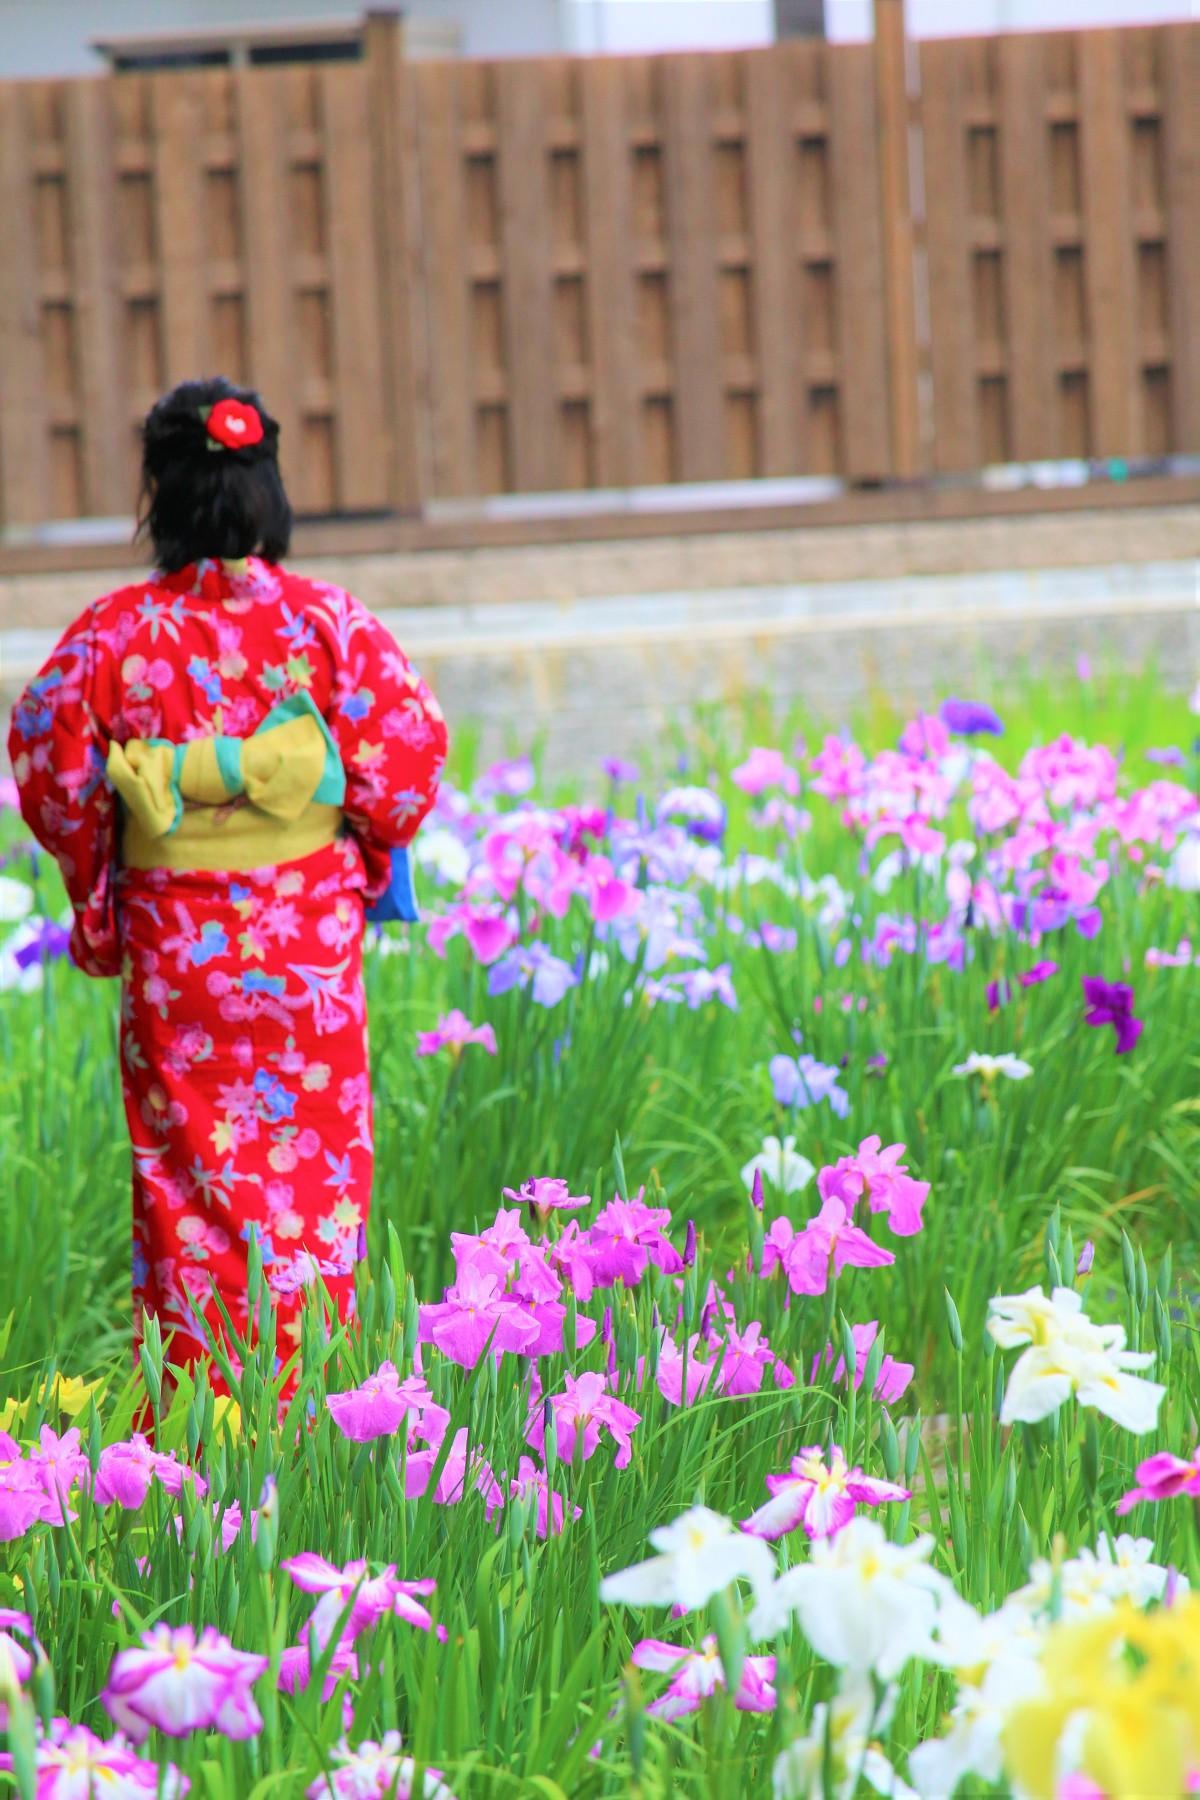 日本の風情、初夏の風物詩『一宮花しょうぶ園』が見頃を迎えています。本年は6月14日まで開園いたします。